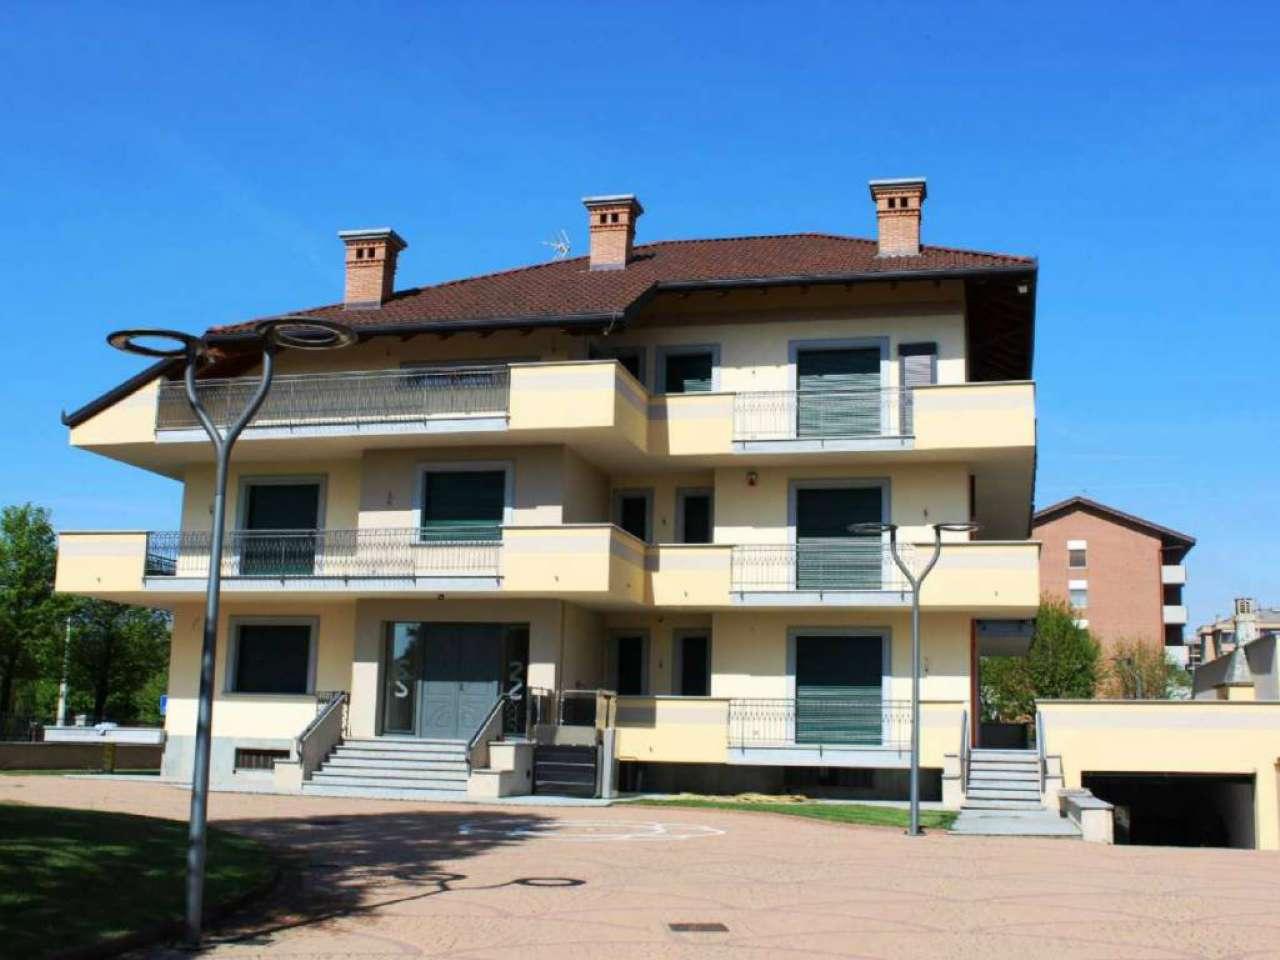 Appartamento in affitto indirizzo su richiesta Ciriè